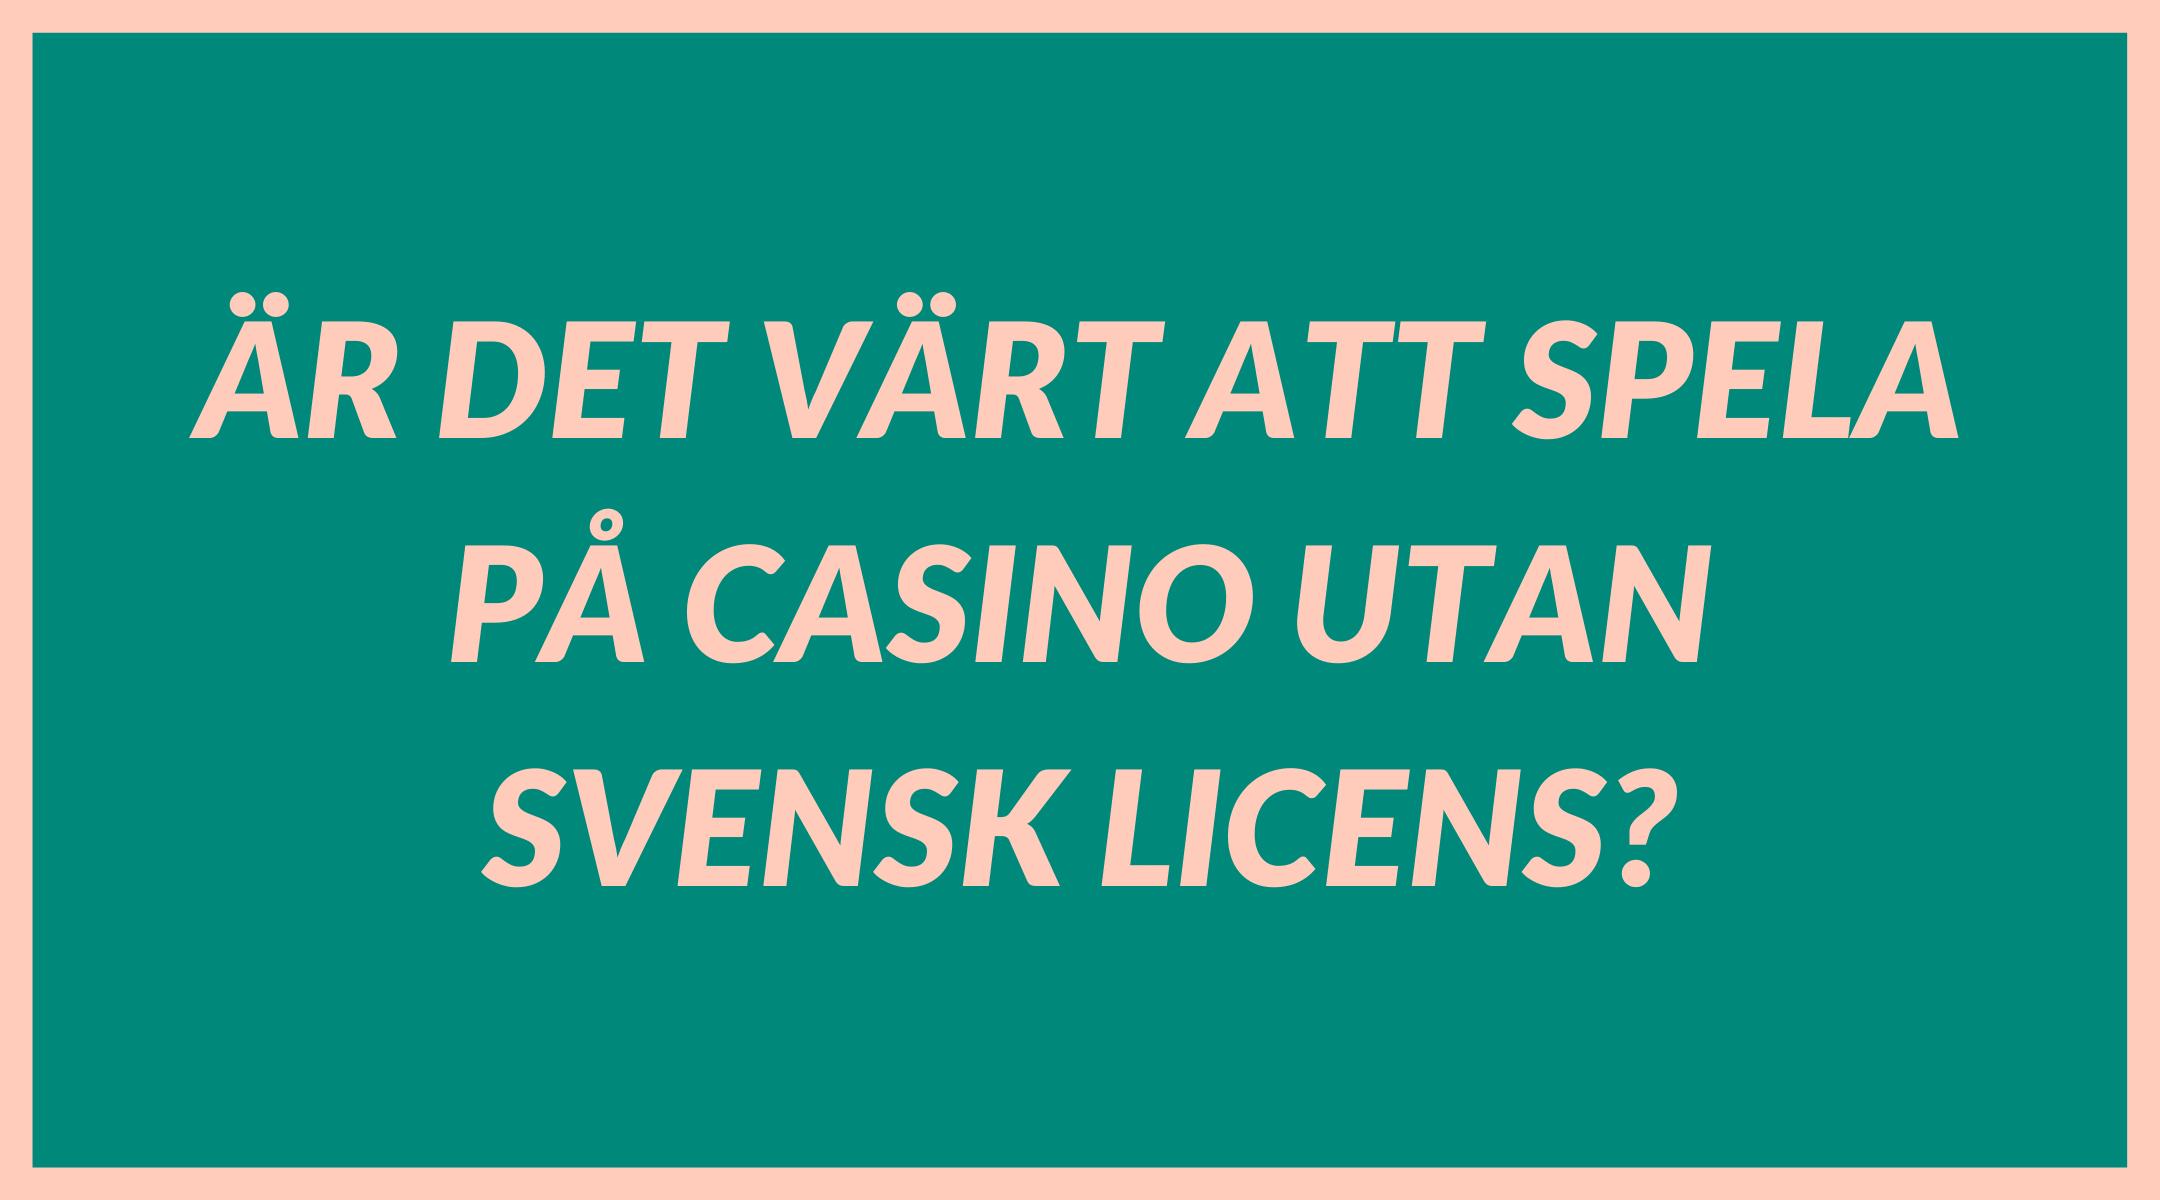 Är det värt att spela på casino utan svensk licens?